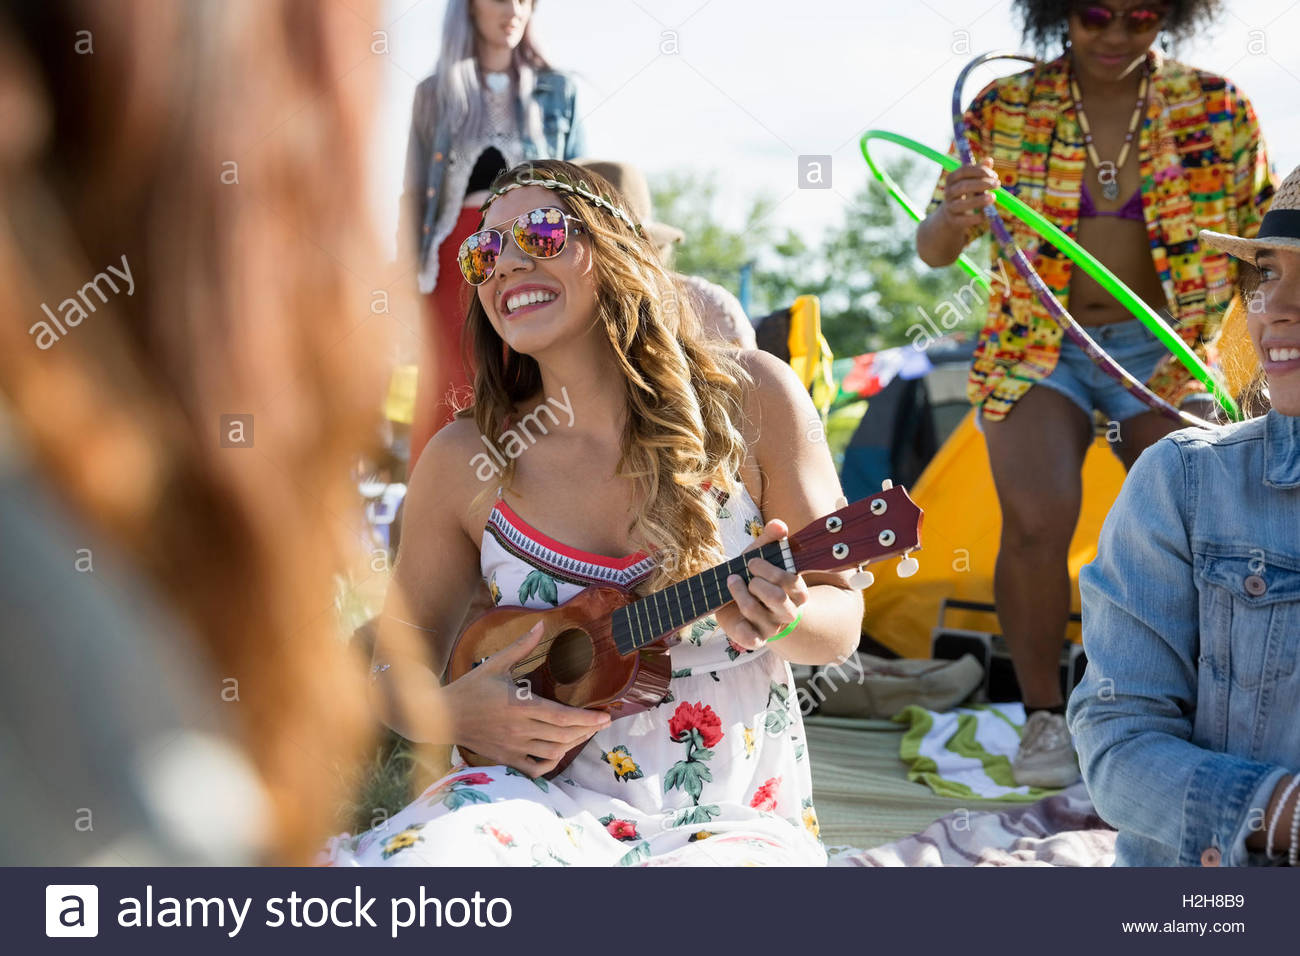 Junge Frau spielt Ukulele auf Sommer Musik Festival-Campingplatz Stockbild